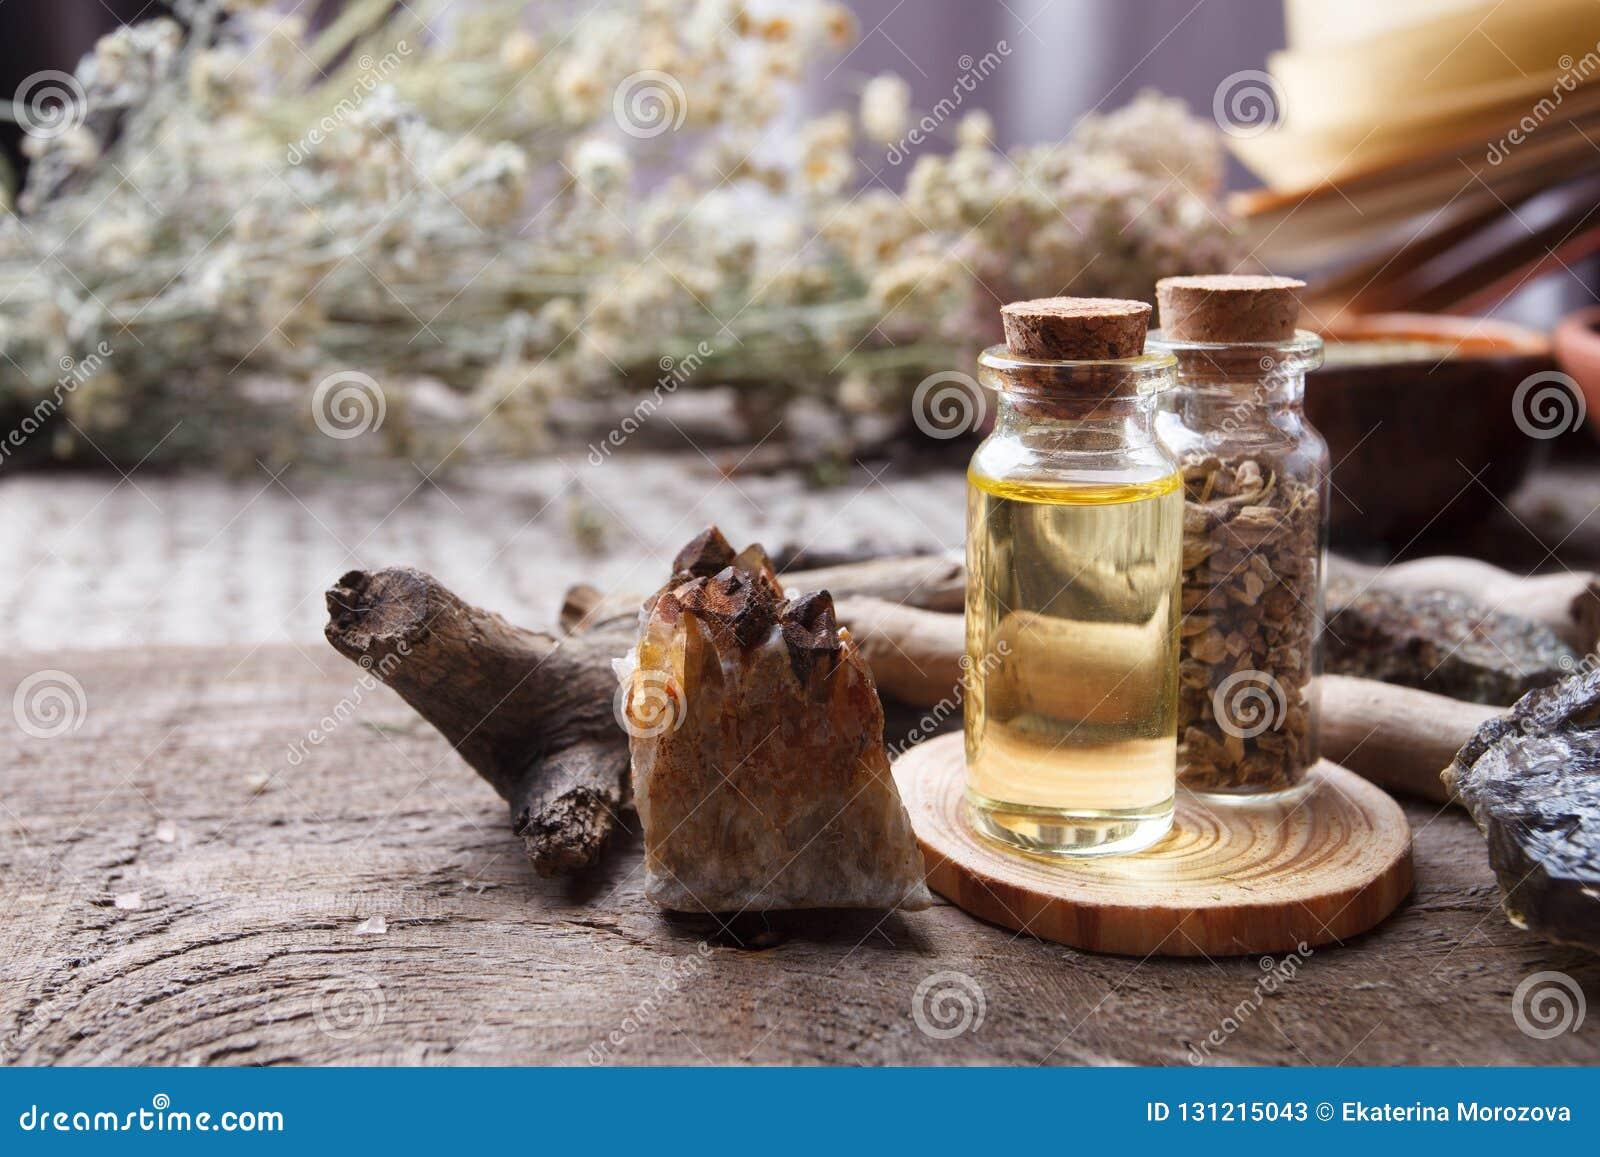 瓶用草本、干燥花、石头和不可思议的对象在巫婆木桌上 隐密,神秘,占卜和wicca概念